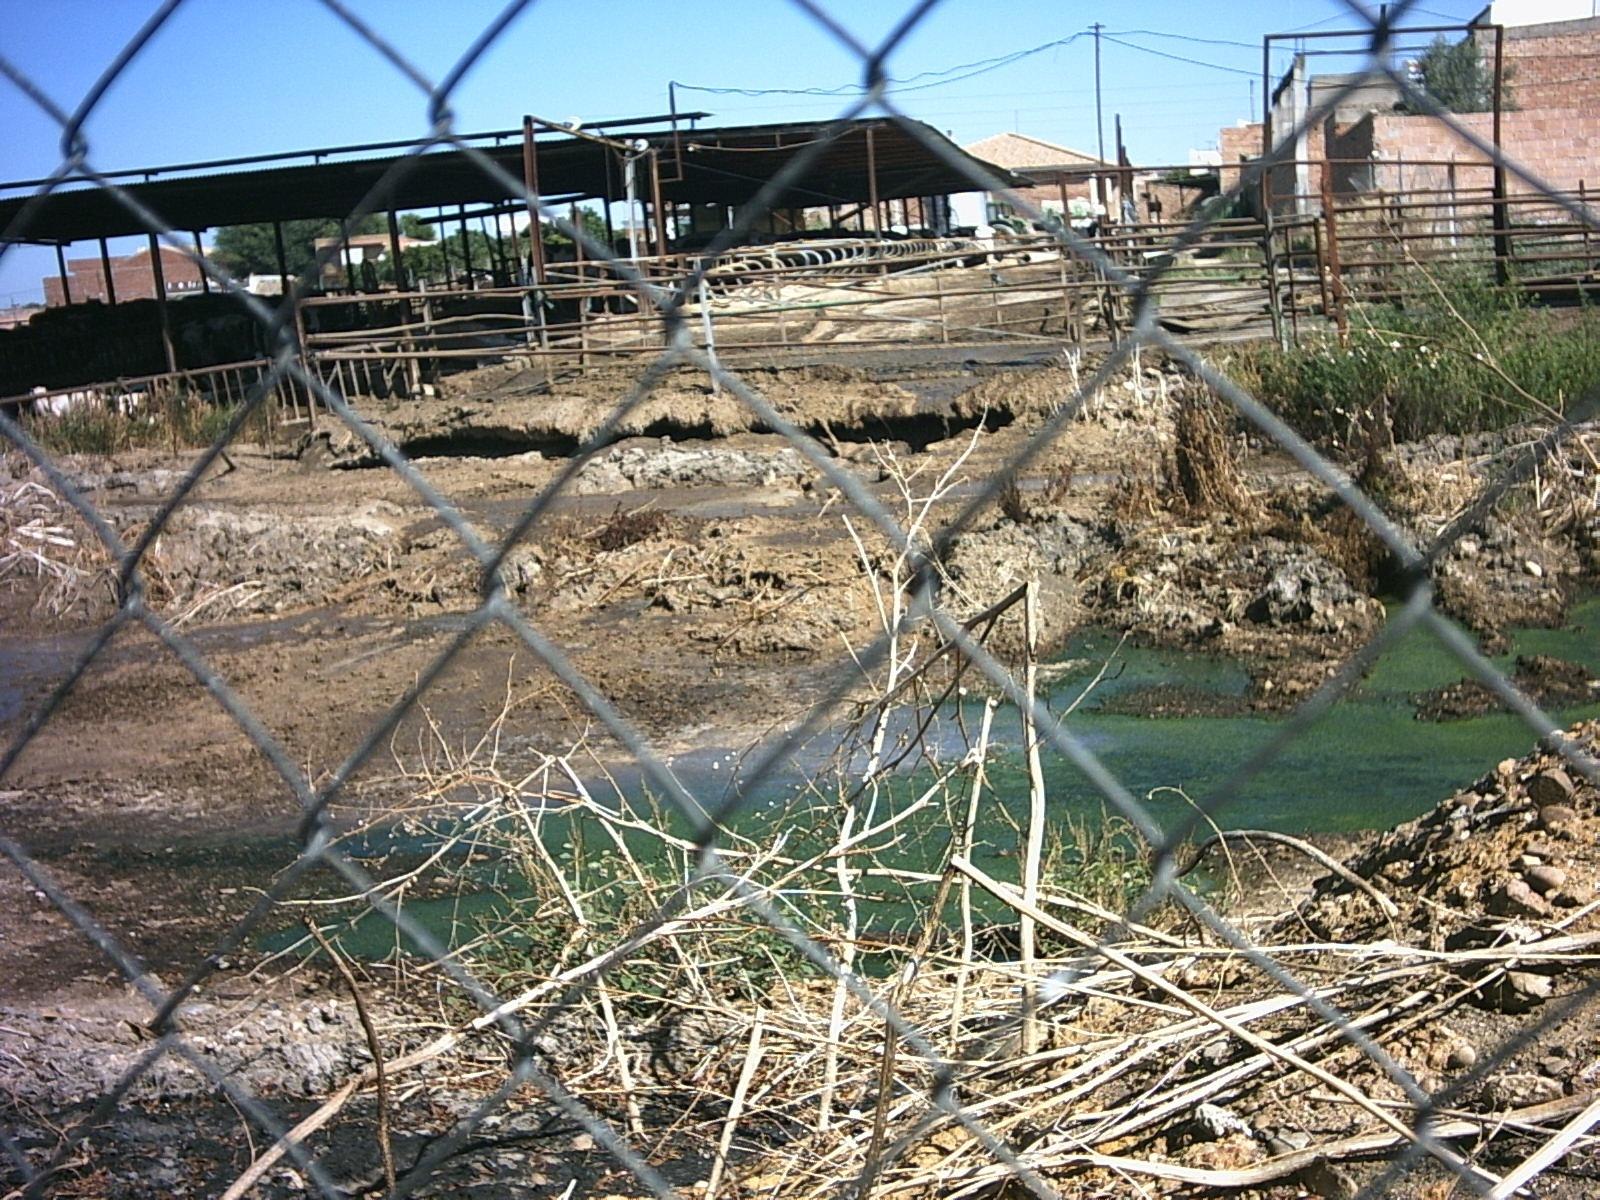 El afectado por la vaquería ilegal de Fuente Palmera confía en el «desmantelamiento» tras una condena al dueño